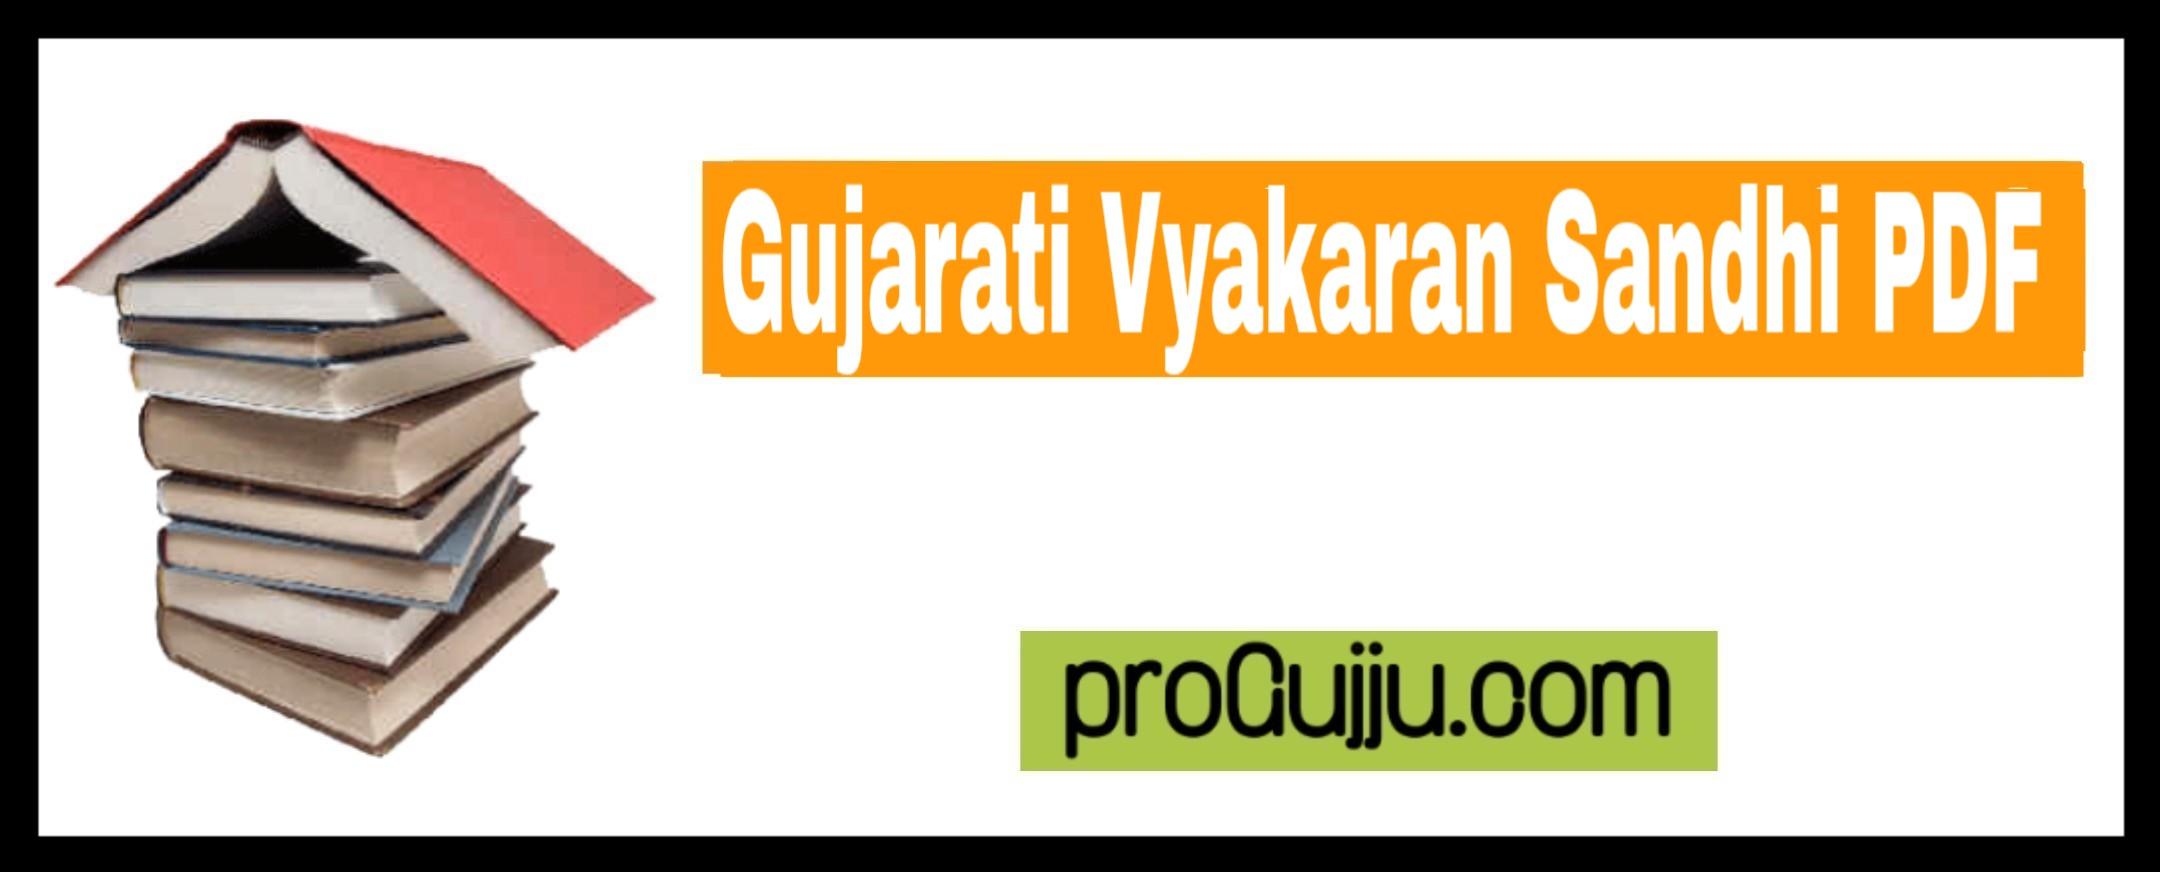 Gujarati Vyakaran Sandhi PDF